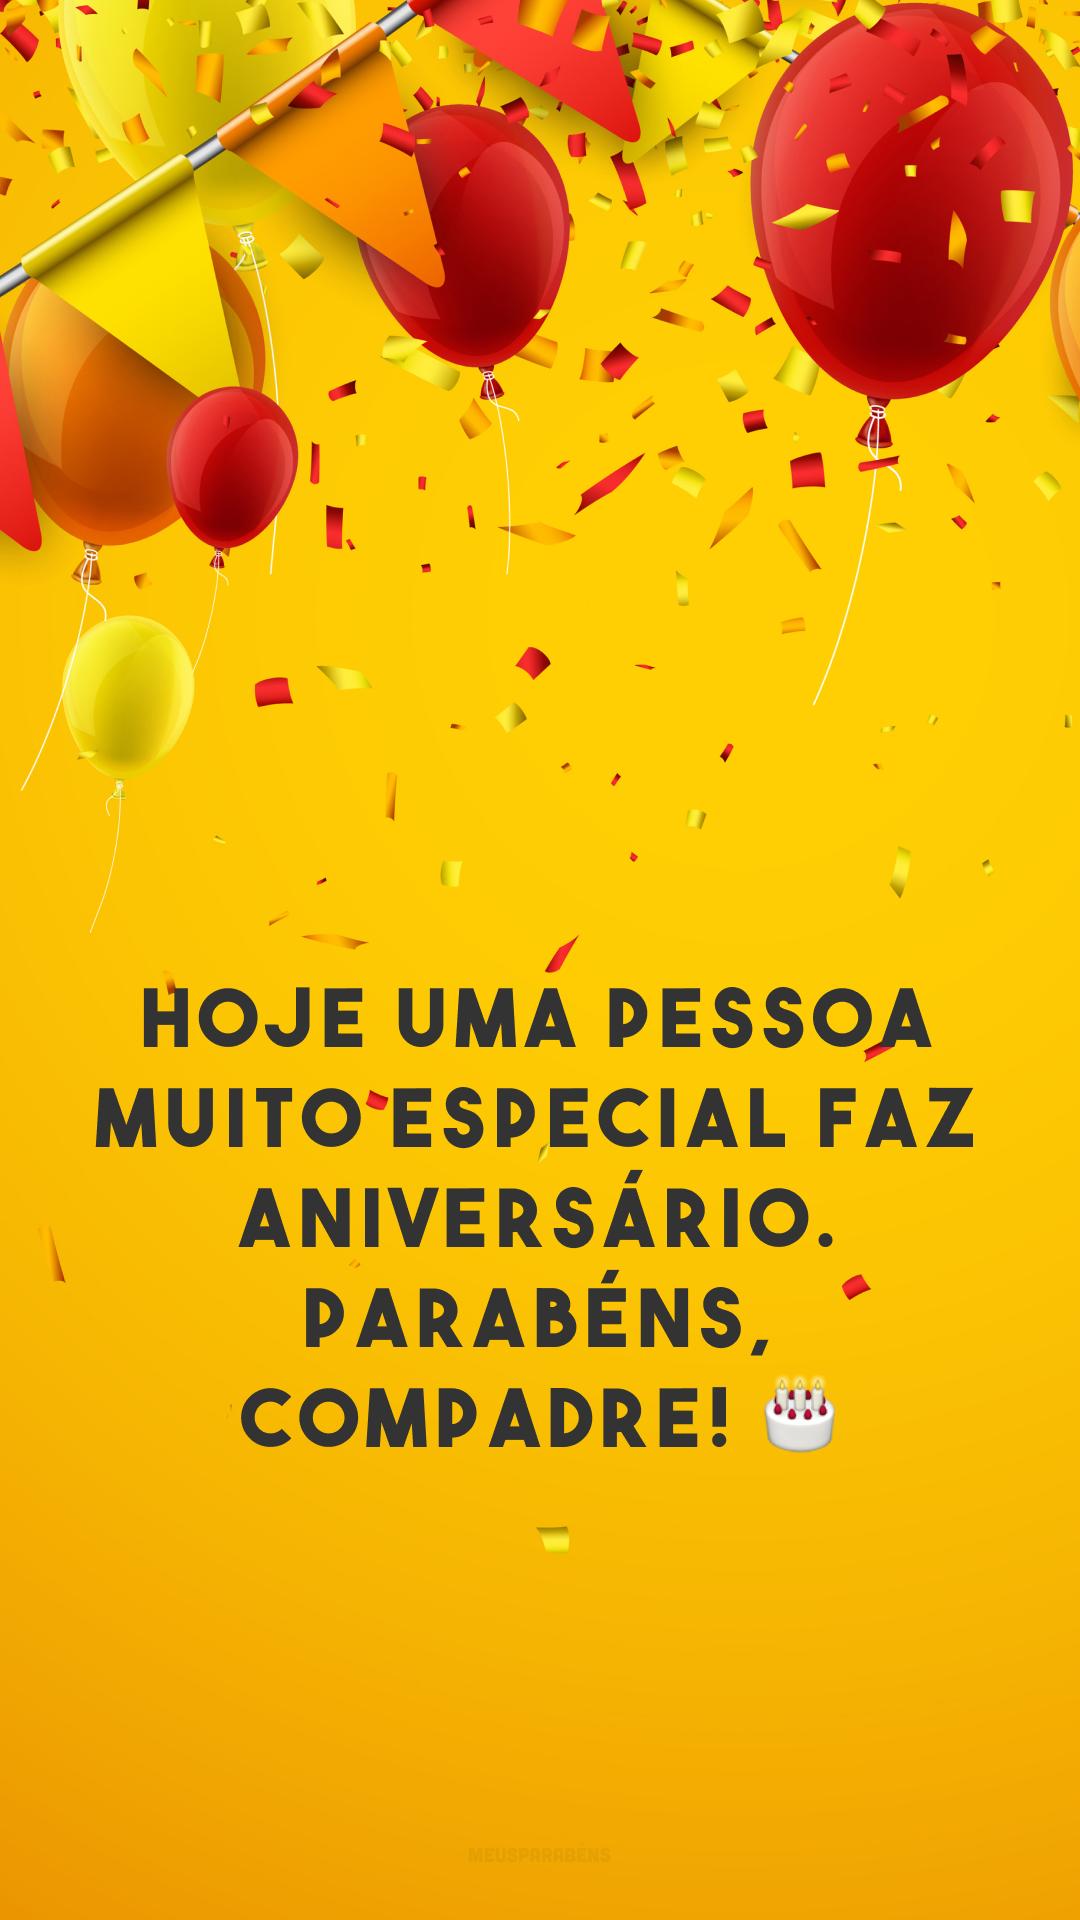 Hoje uma pessoa muito especial faz aniversário. Parabéns, compadre! 🎂